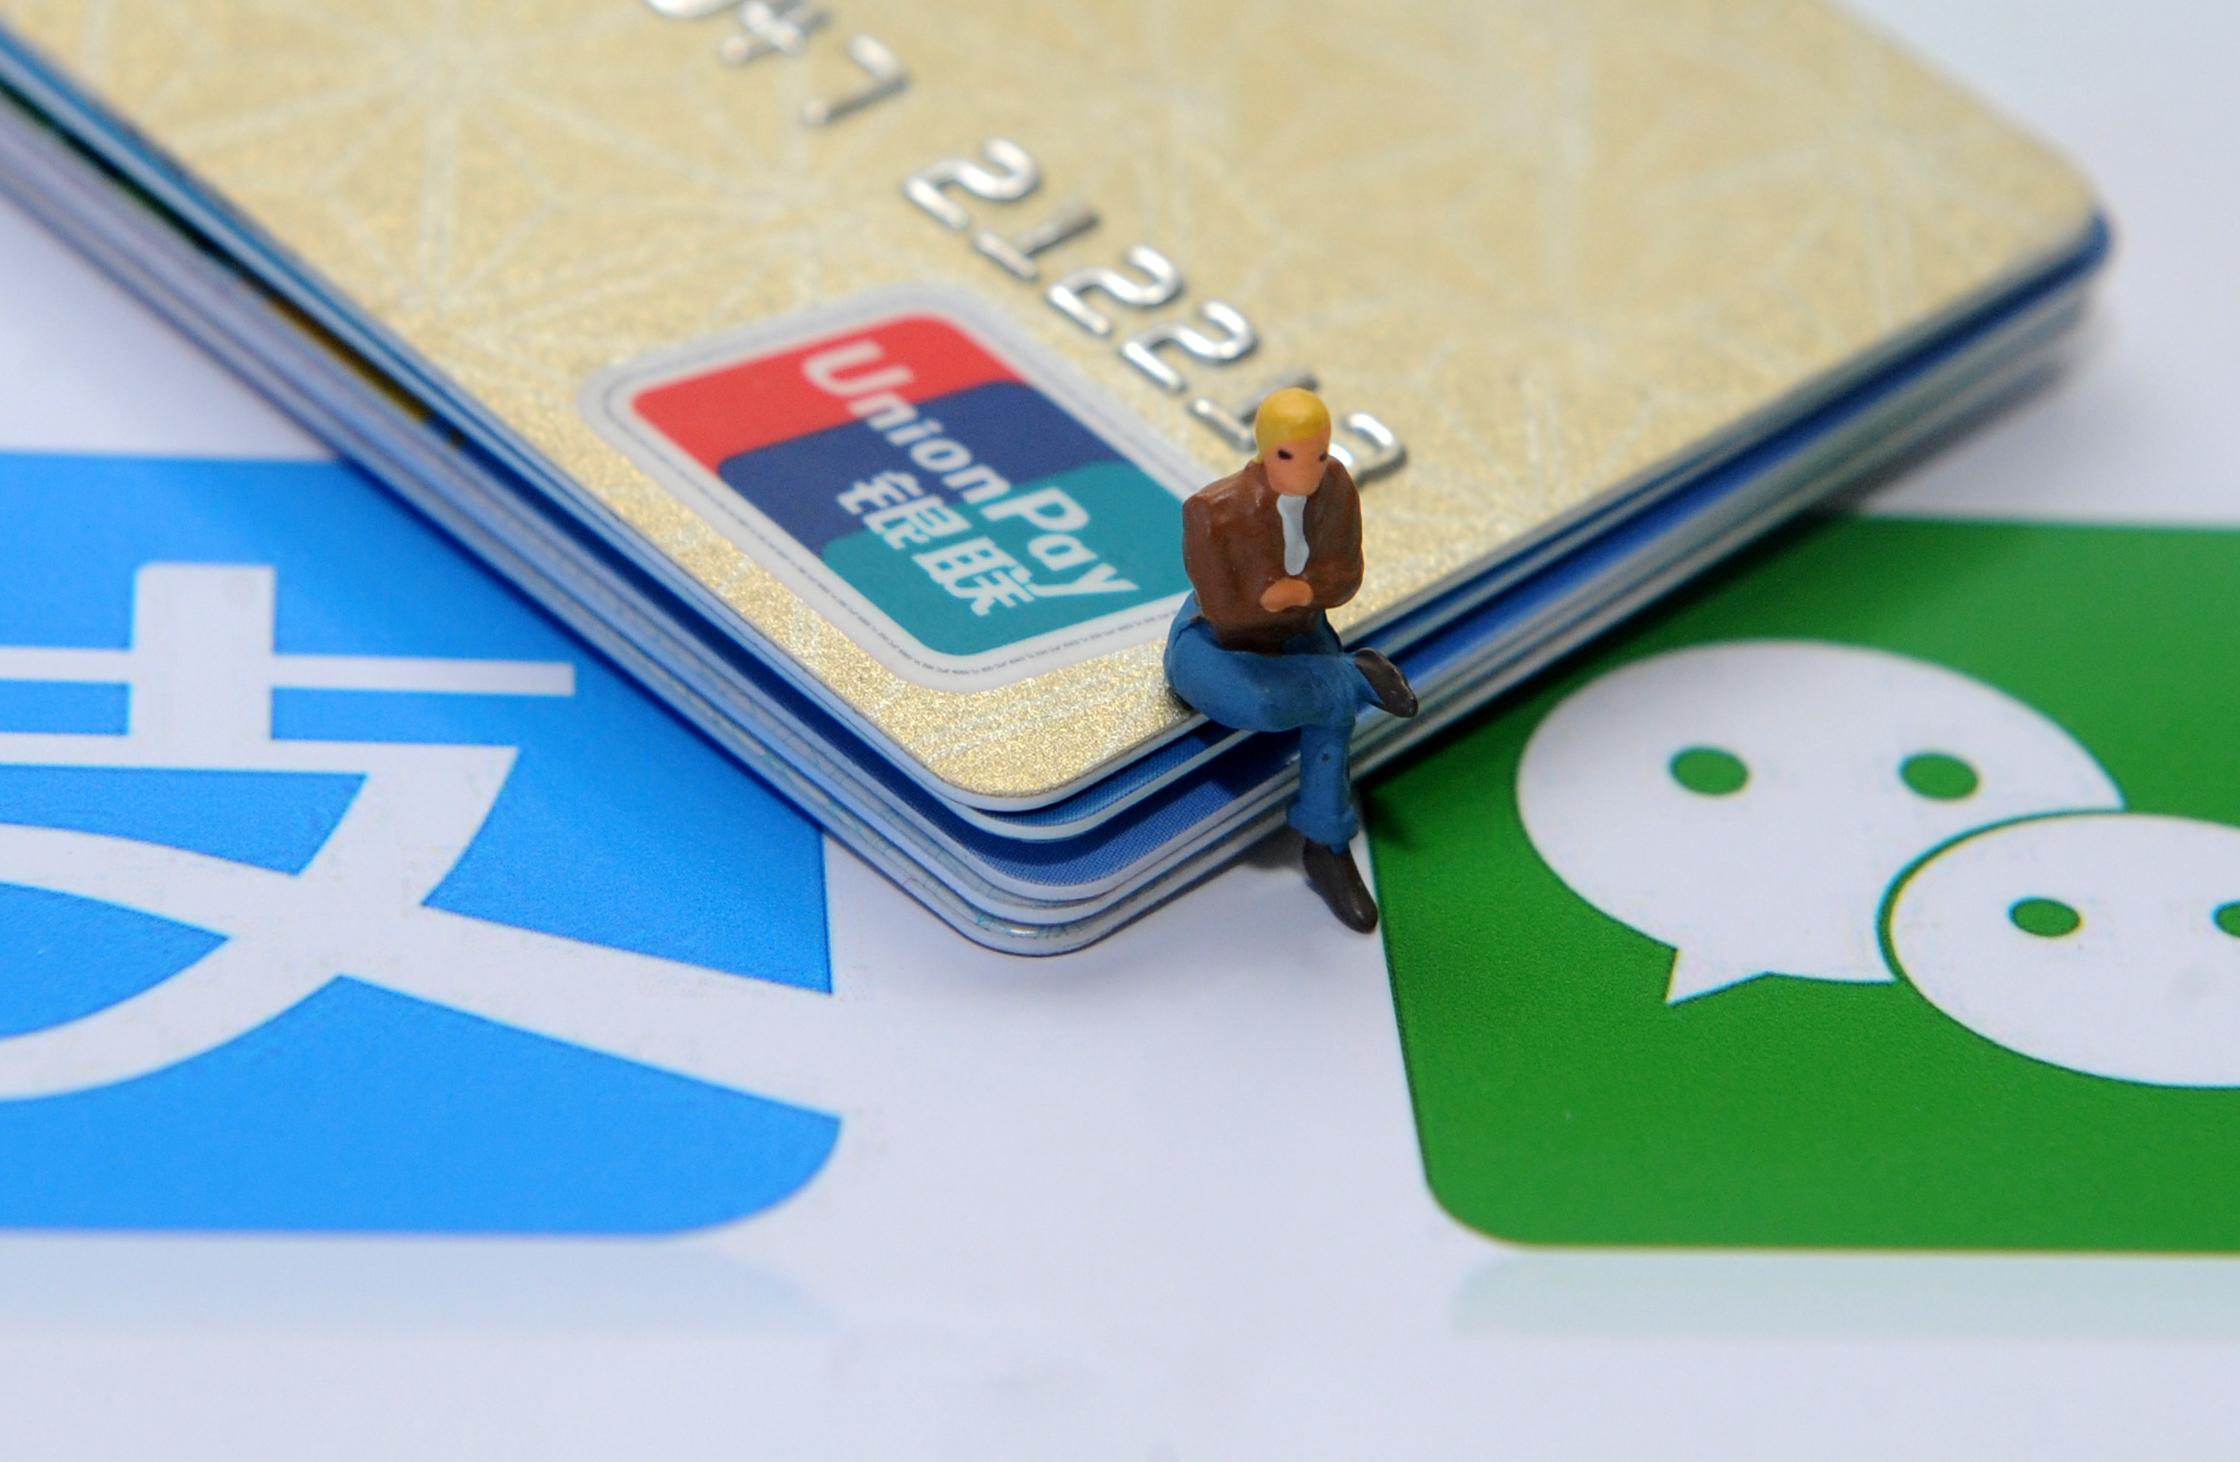 平安信用卡提额了,虽然不是普提,但机会还是很大的!